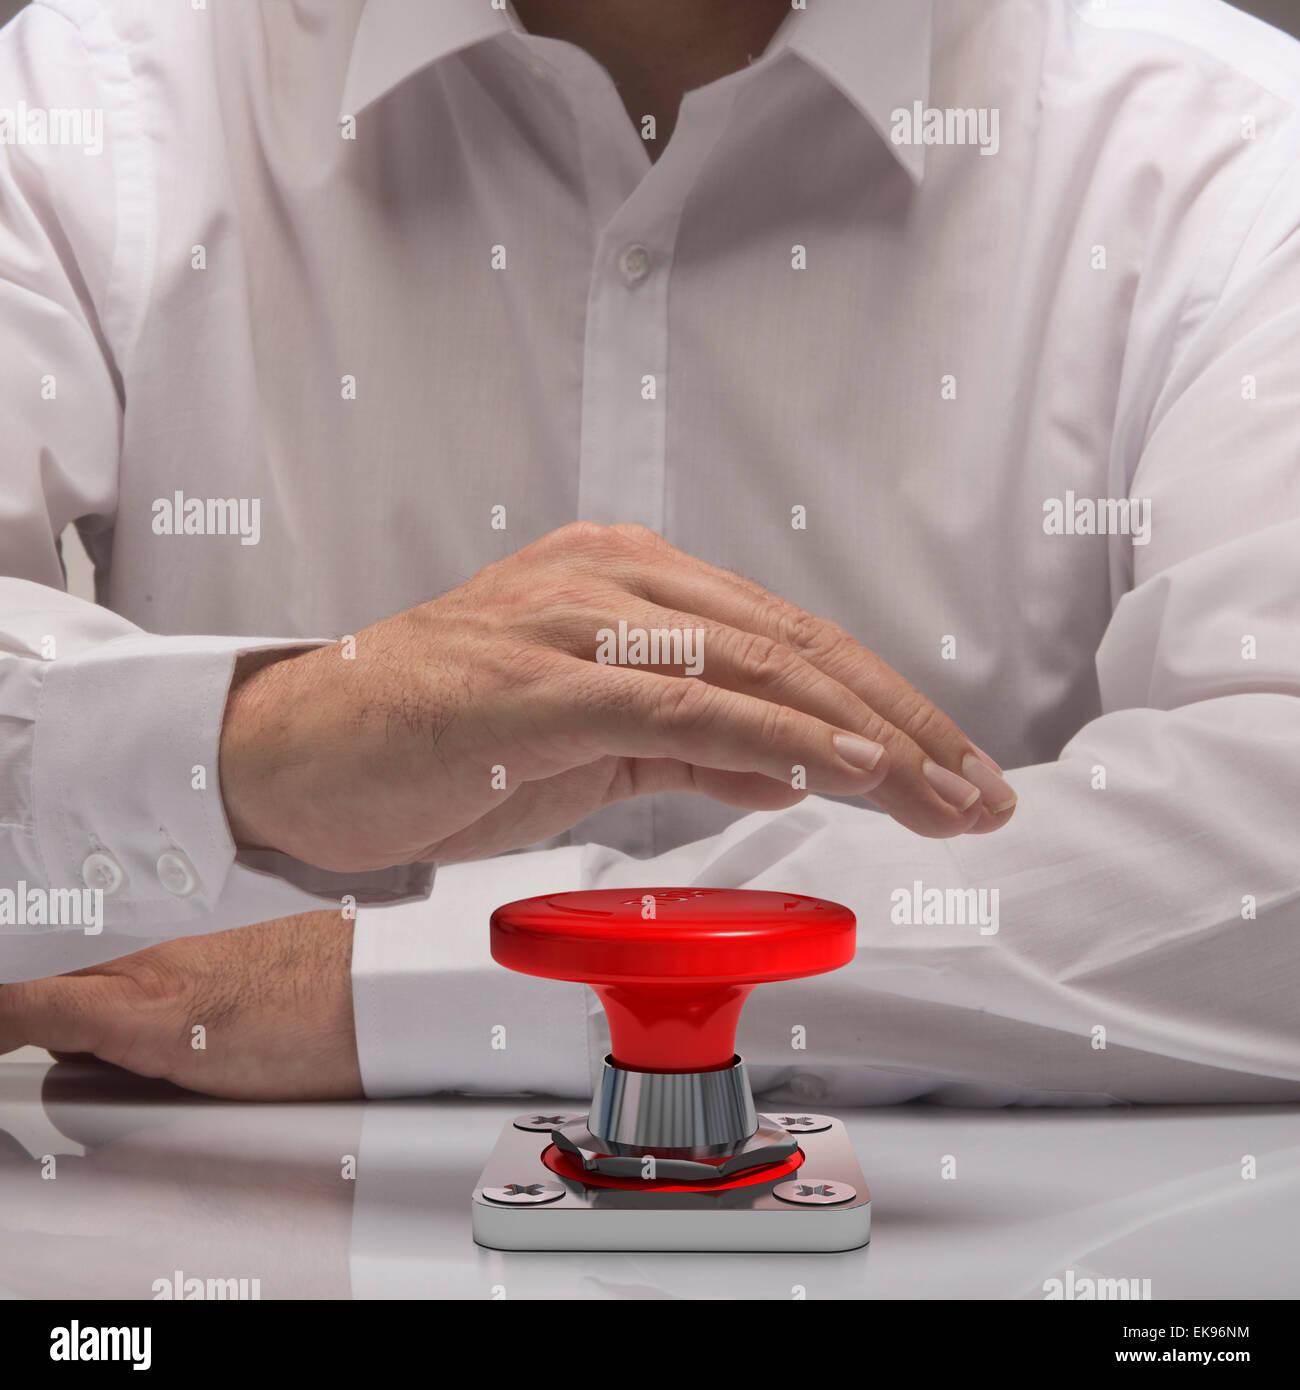 Mano premendo il pulsante di emergenza, una camicia bianca e riflessione. simbolo di urgenza e di problem solving Foto Stock